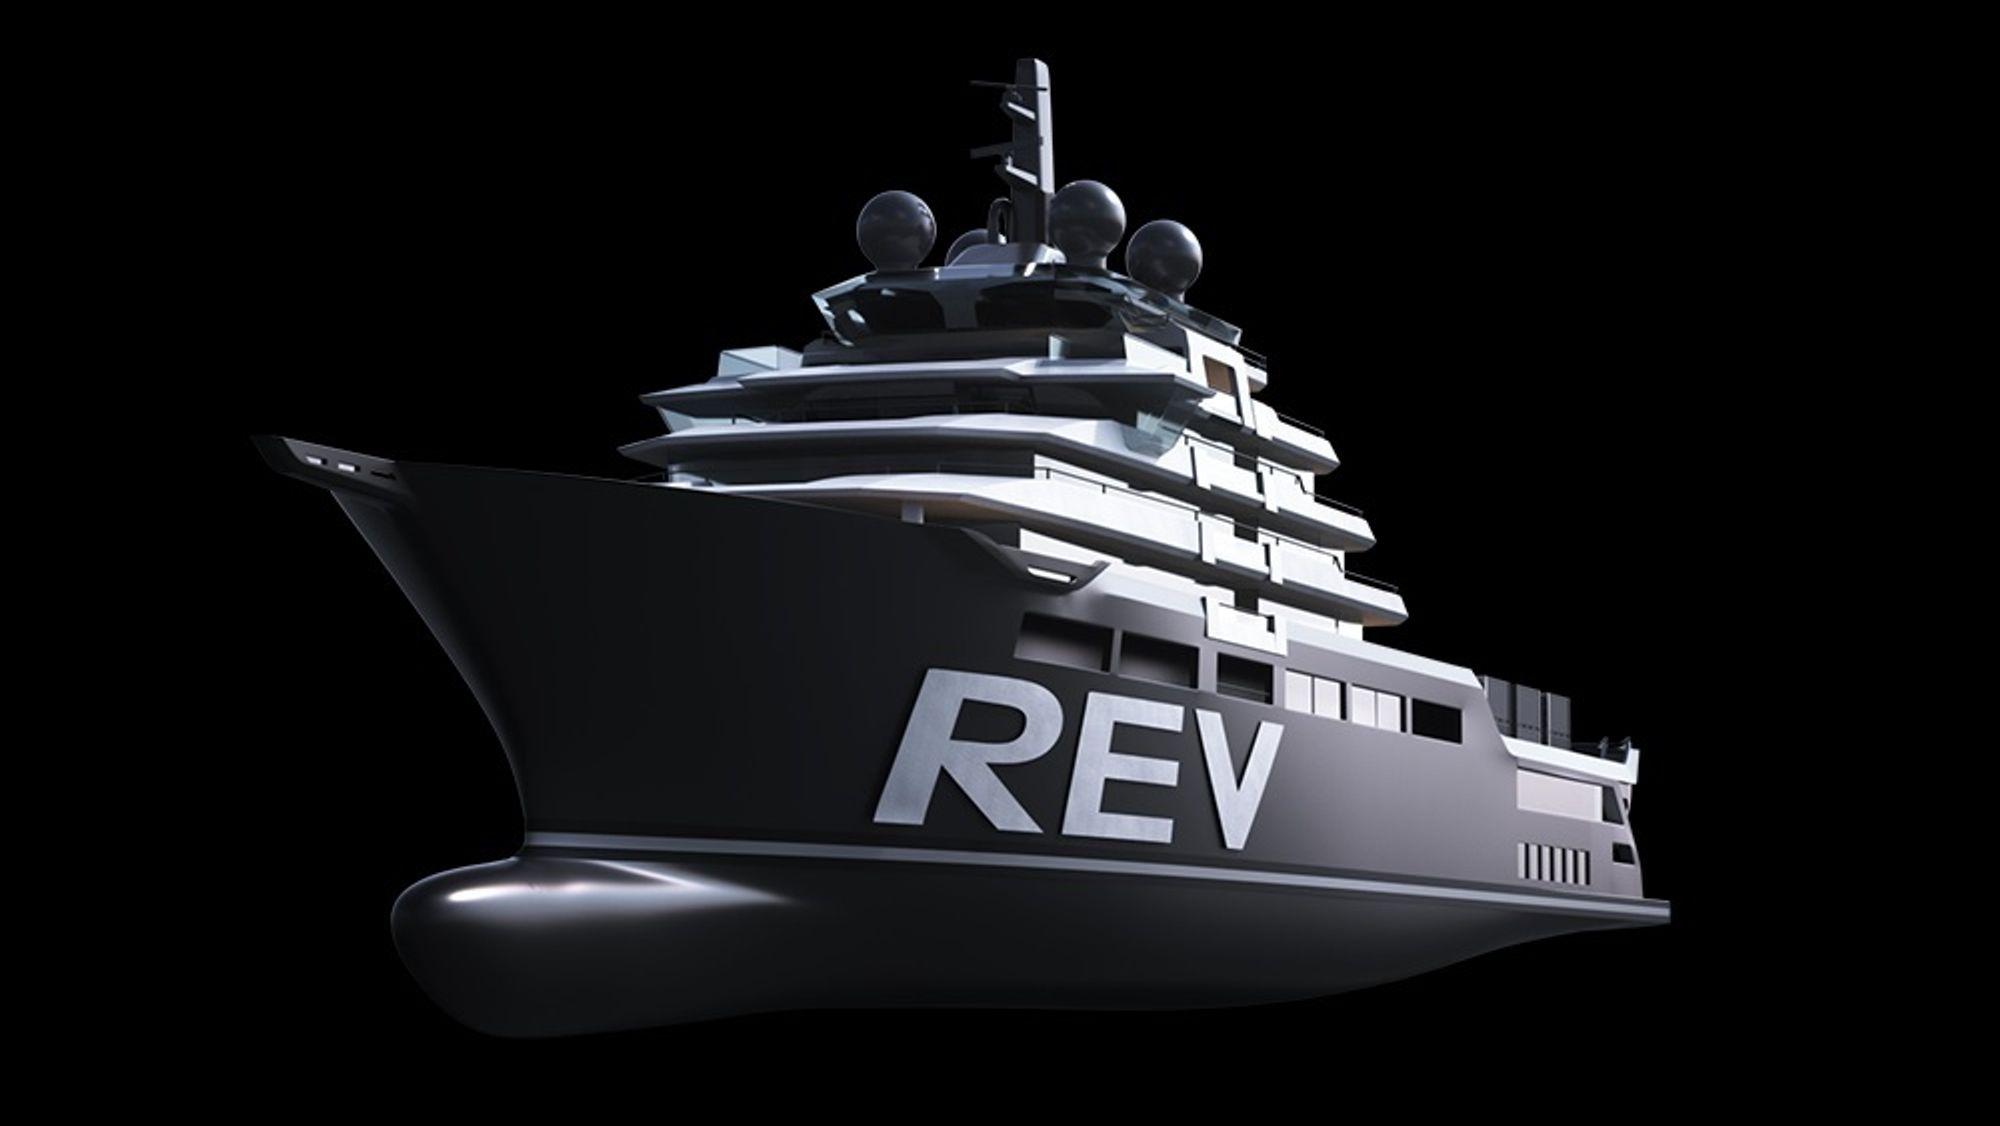 REV får to store stabilisatorfinner. Forskningsutstyr og sensorer plasseres også i to dropp-kjøler for å komme så langt ned at utsyr ikke påvirkes av sjø, bølger og støy fra skrog og propeller.